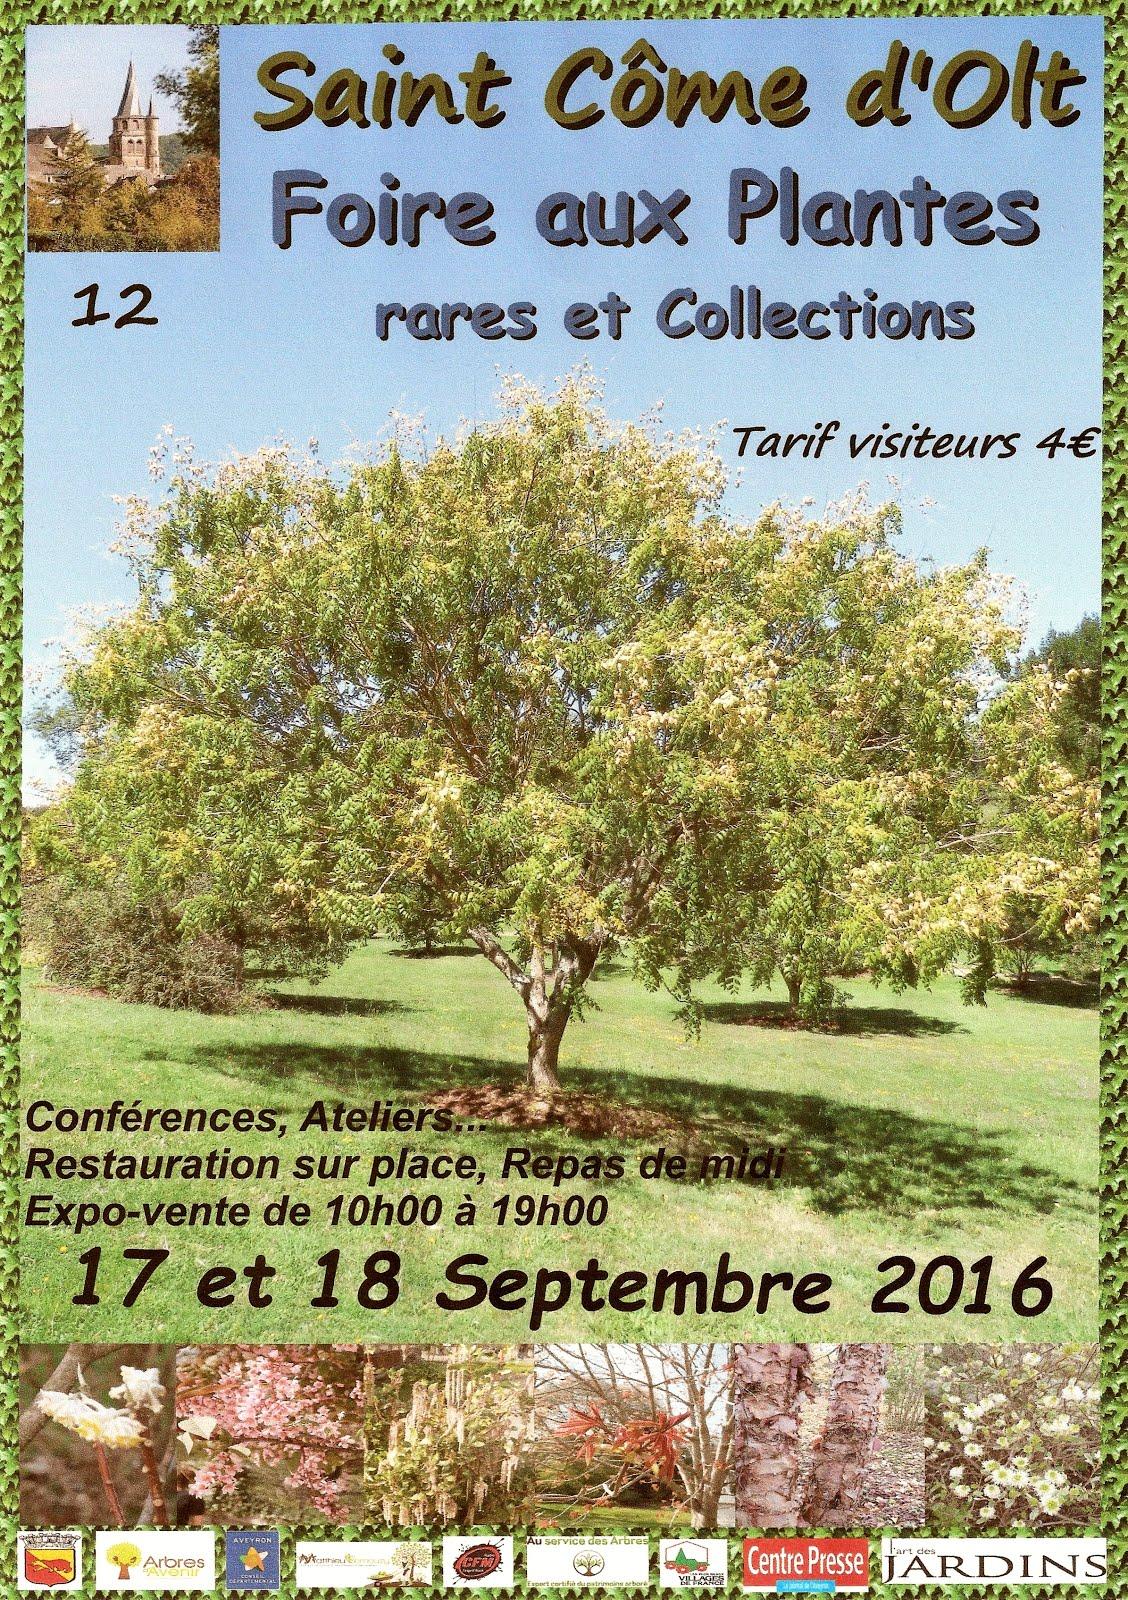 Foire aux Plantes rares et Collections en Aveyron